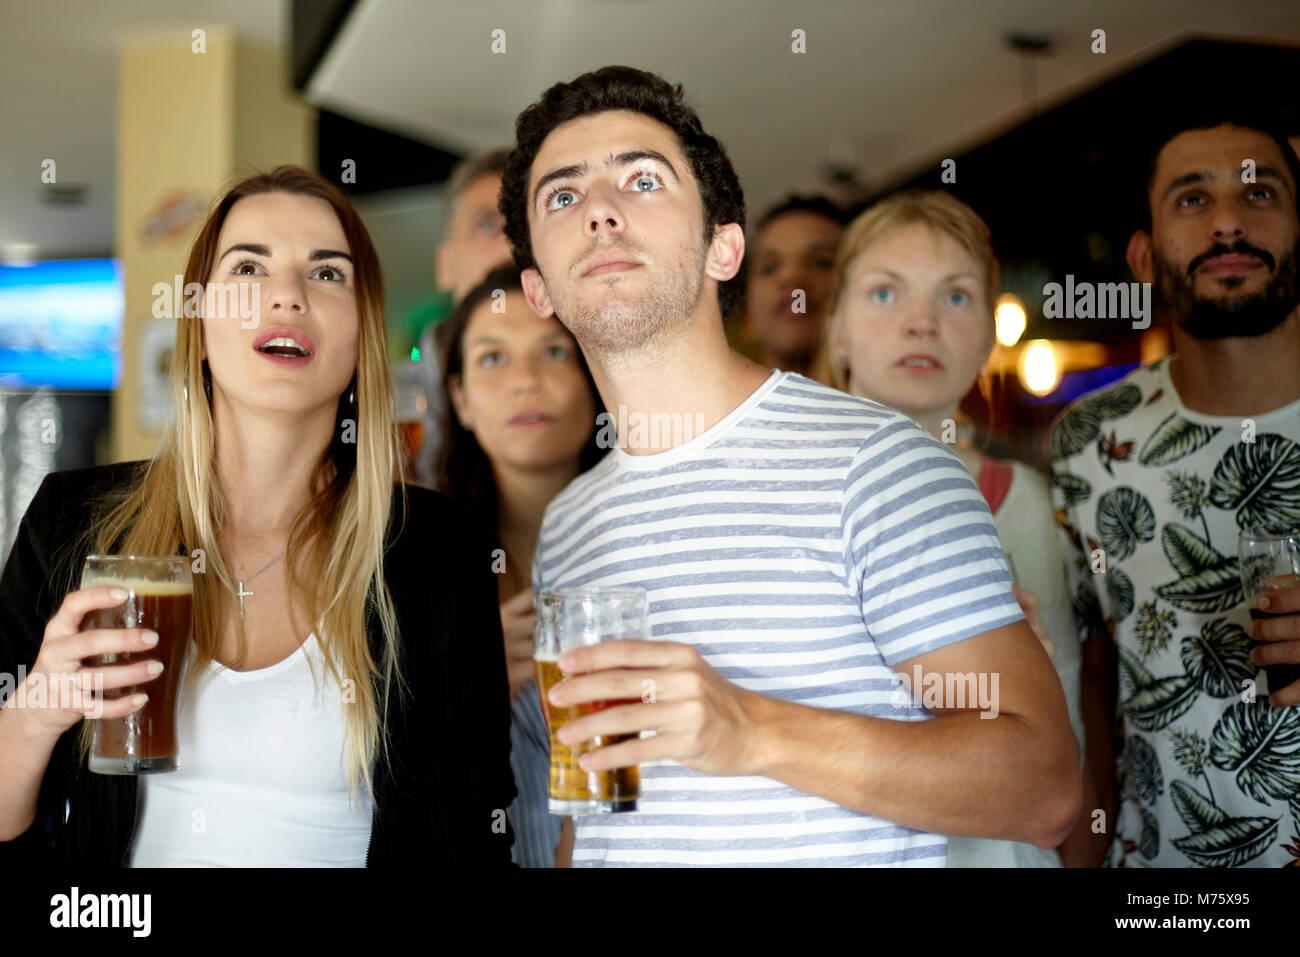 Sportbegeisterte beobachten Match in bar Stockbild